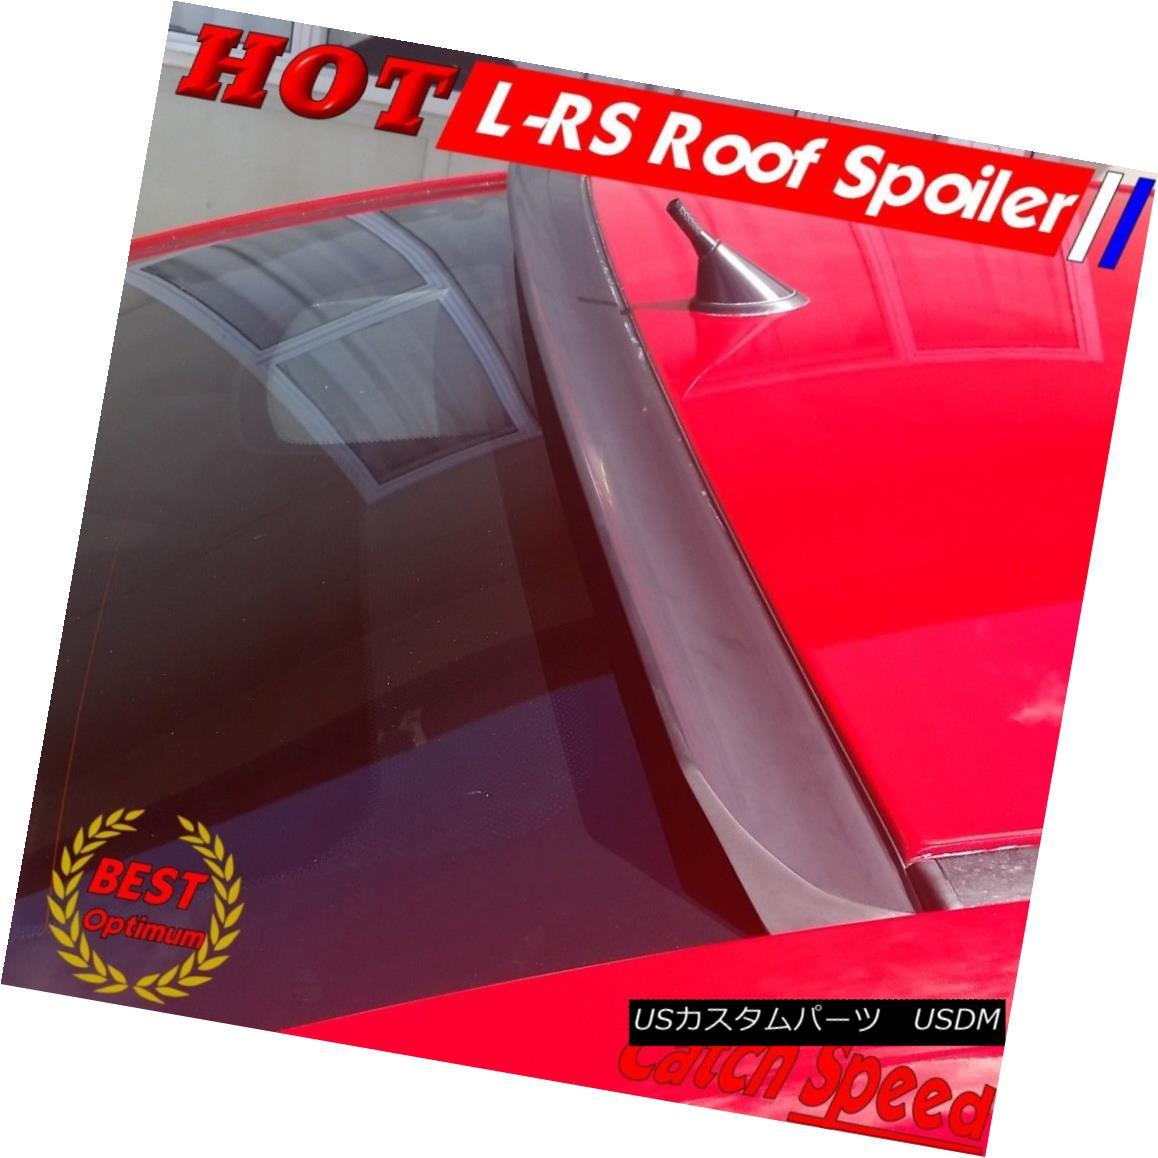 エアロパーツ Painted L Style Rear Window Roof Spoiler Wing For Audi A4 B5 Sedan 1995-01 ? Audi A4 B5 Sedanのために塗装されたLスタイルのリアウィンドウルーフスポイラーウィング1995-01?